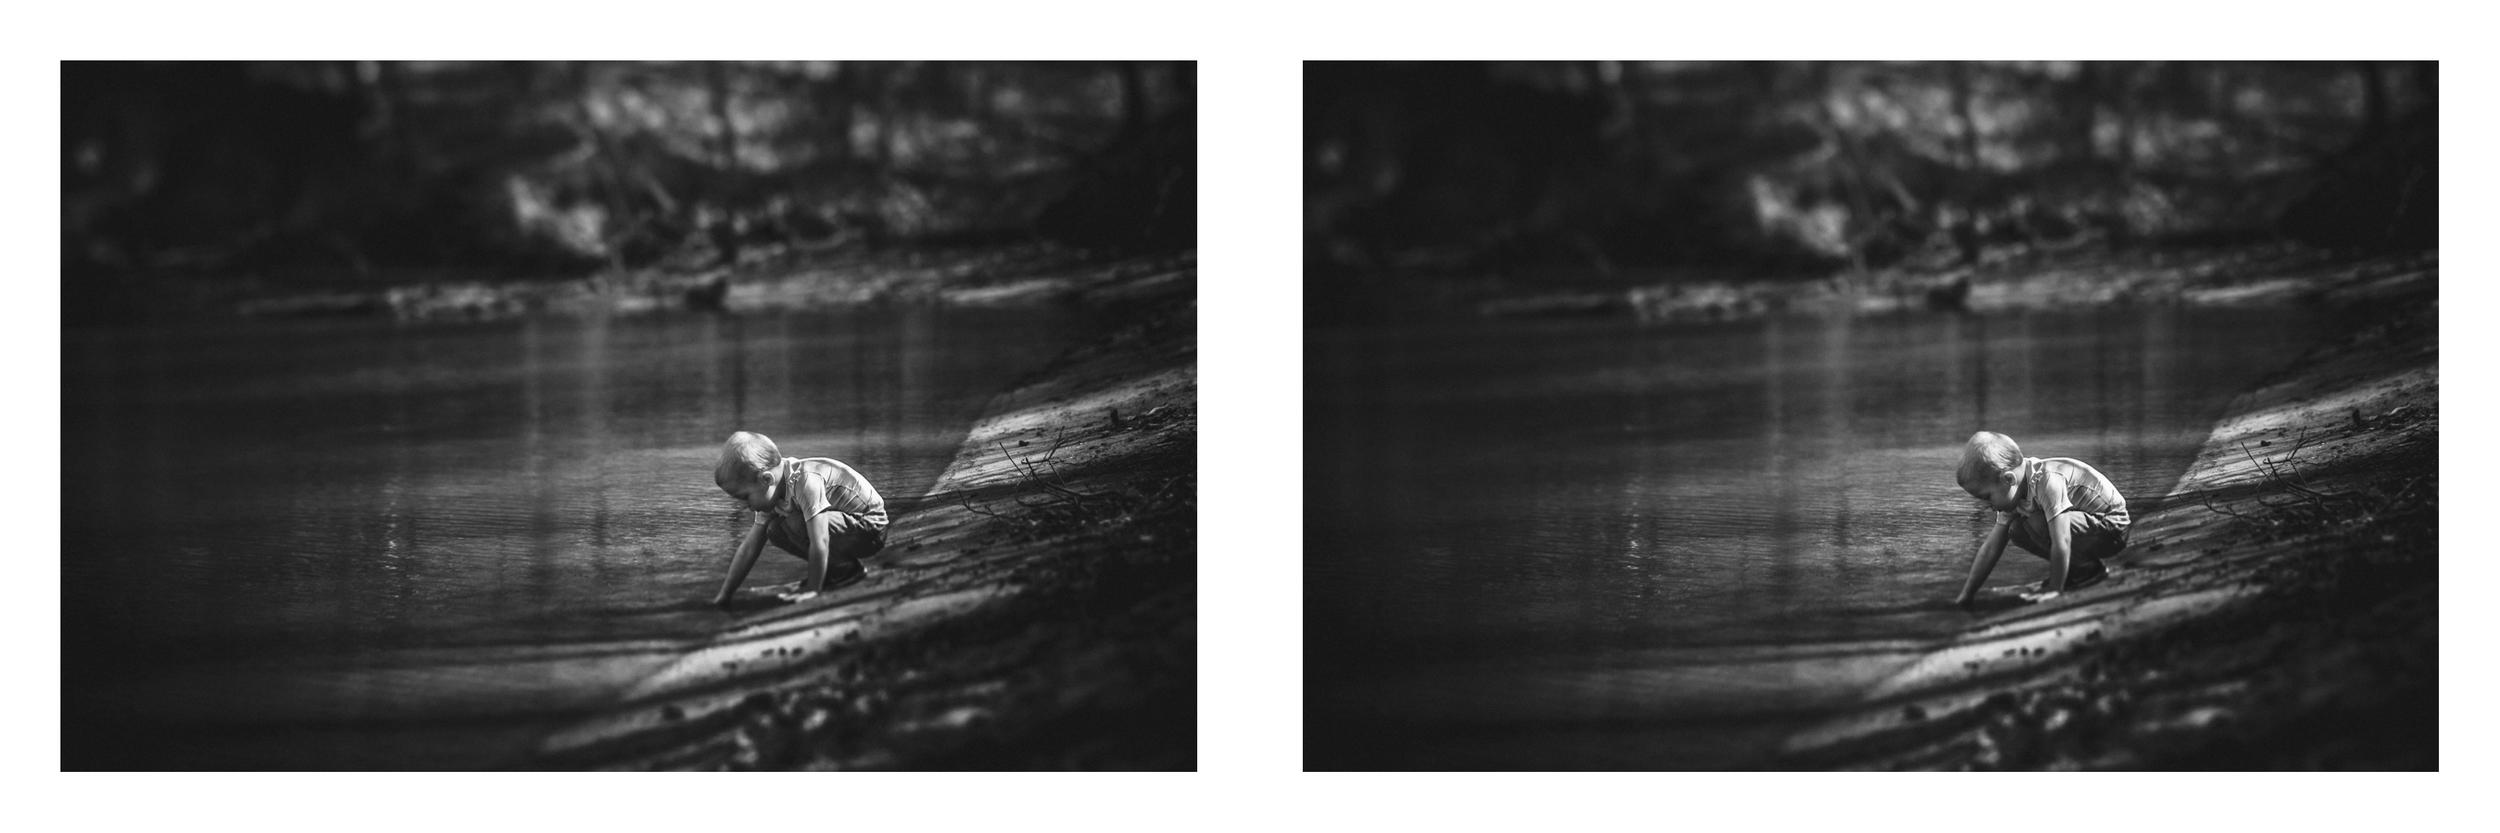 KJ Collage 2.jpg